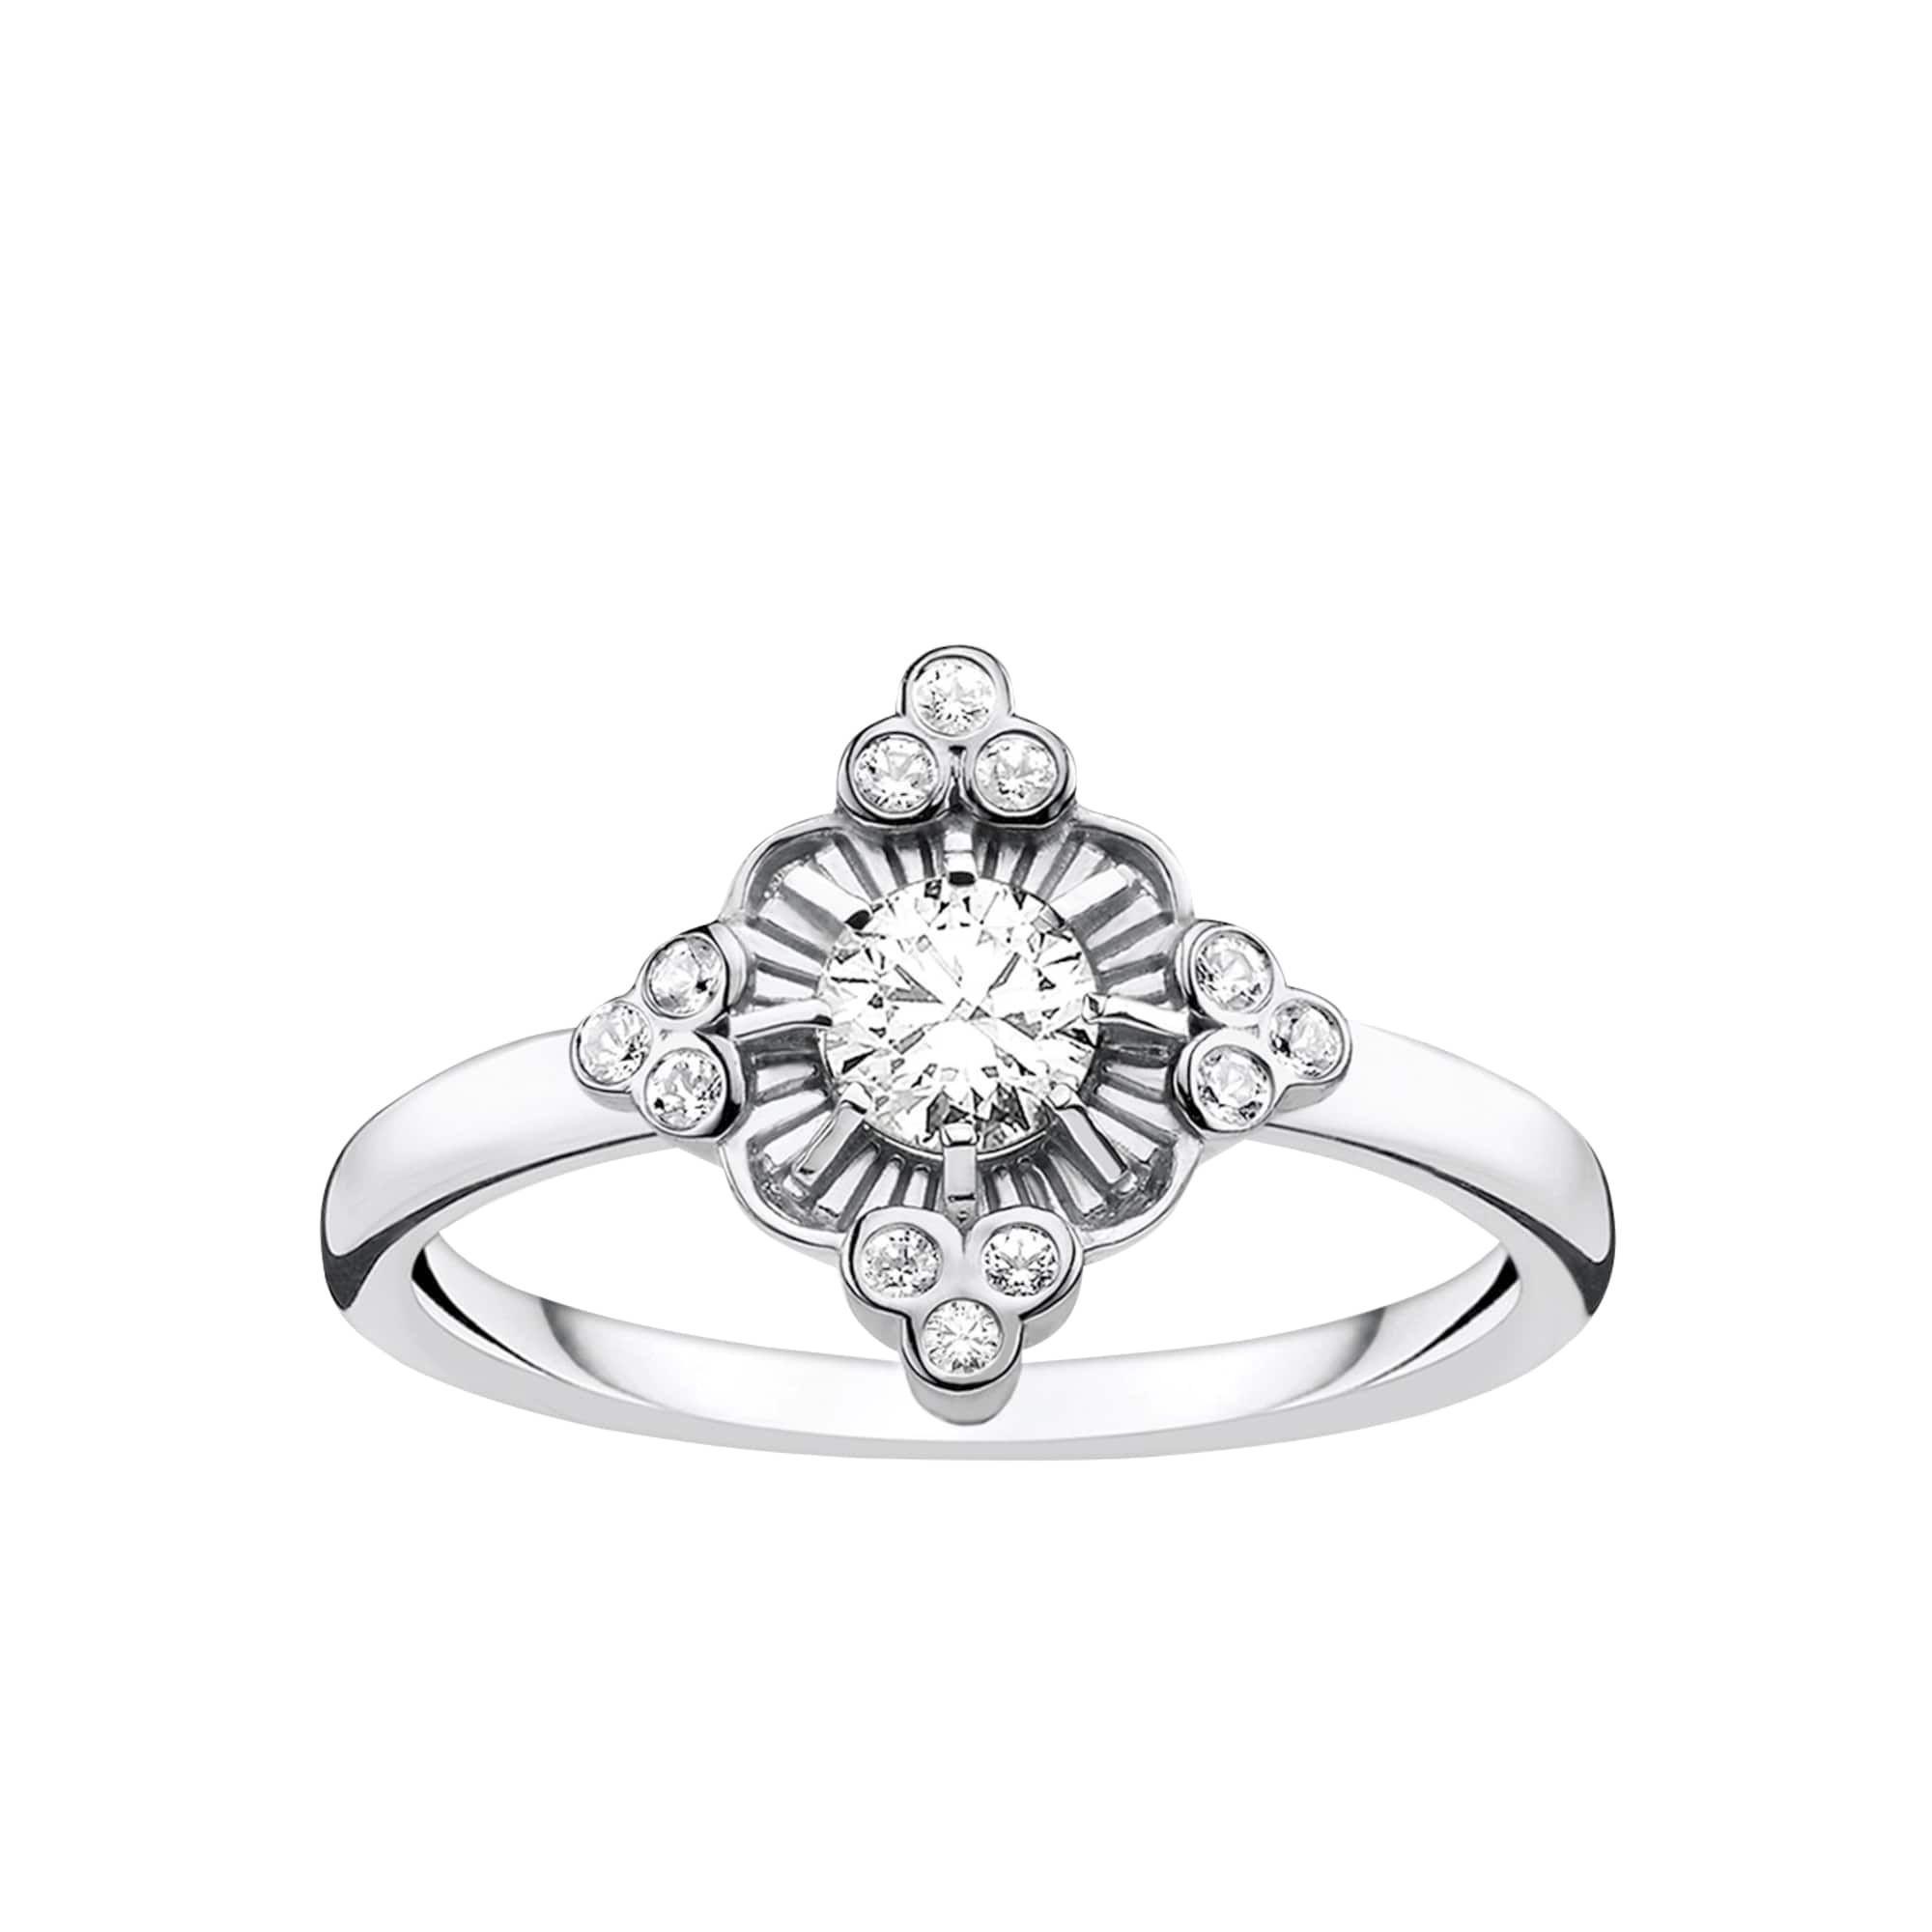 Thomas Sabo Ring Royalty Weiss Damen Silber Grosse 58 In 2020 Thomas Sabo Ring Vintage Inspired Rings White Ring